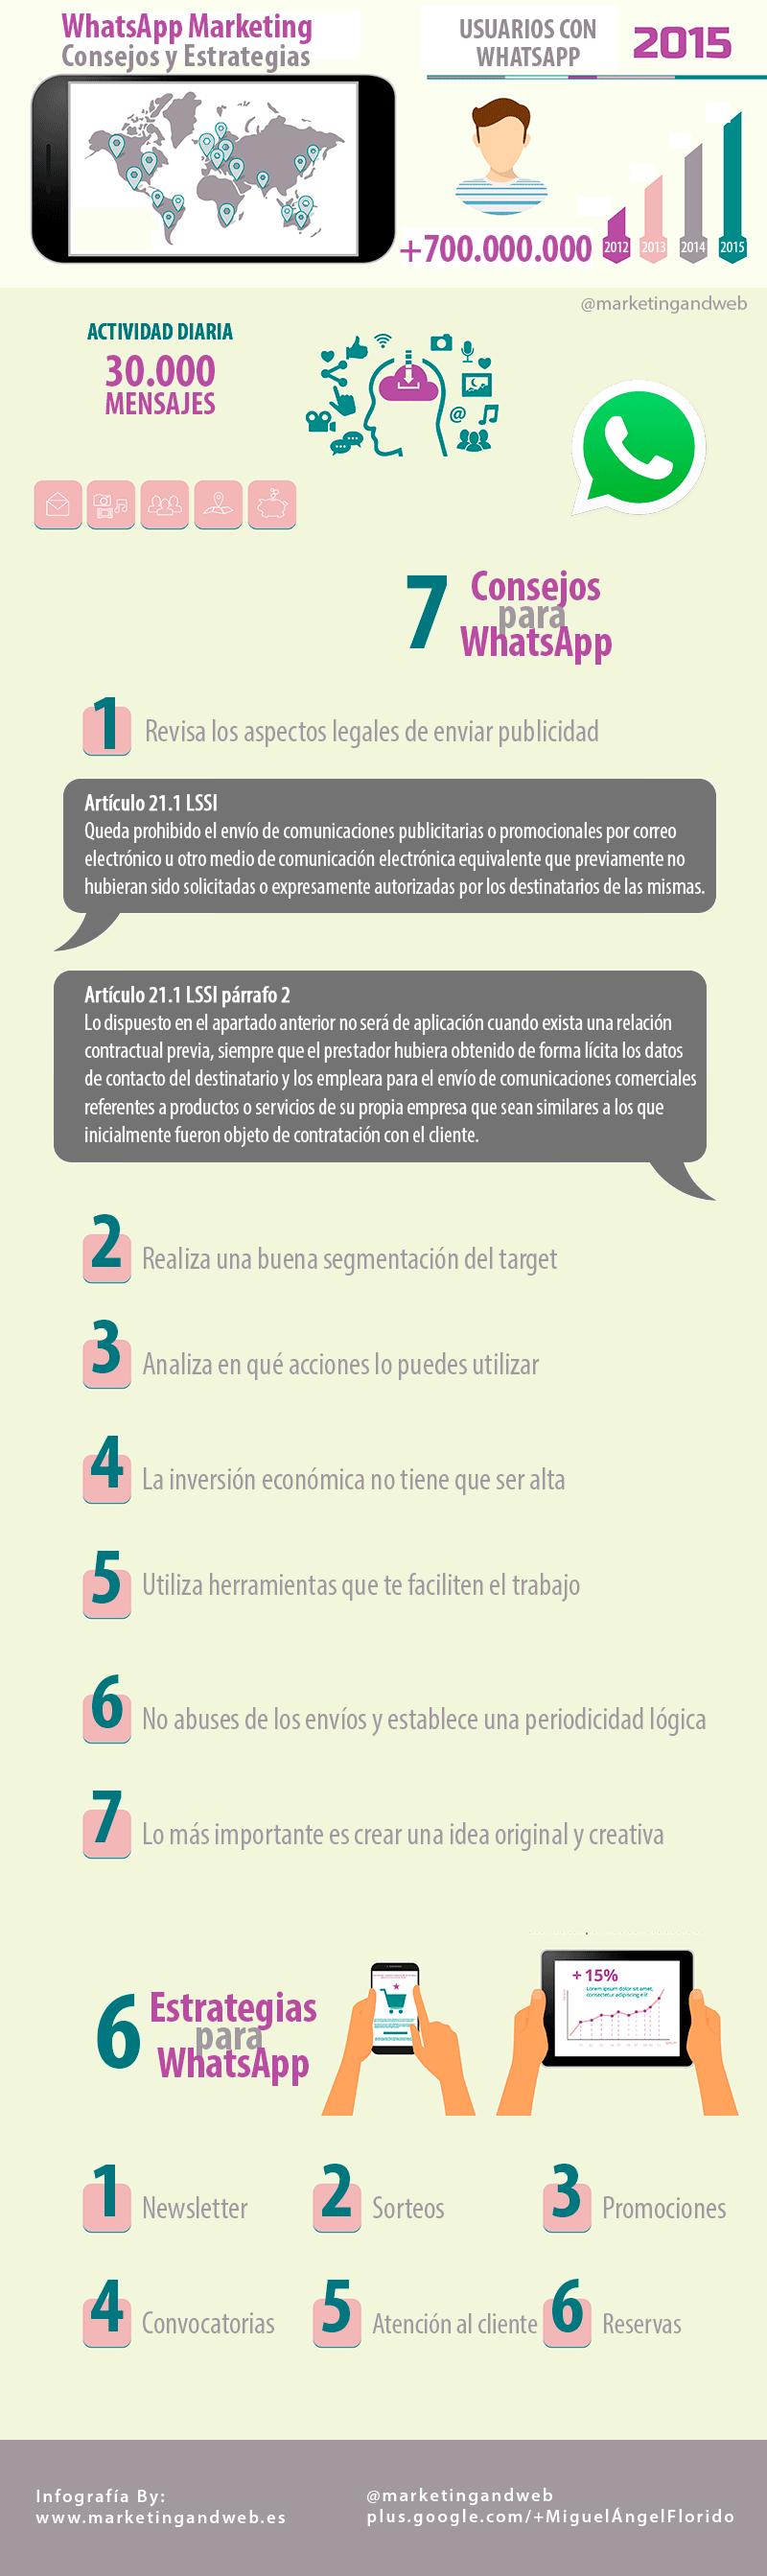 Enviar publicidad por Whatsapp infografía